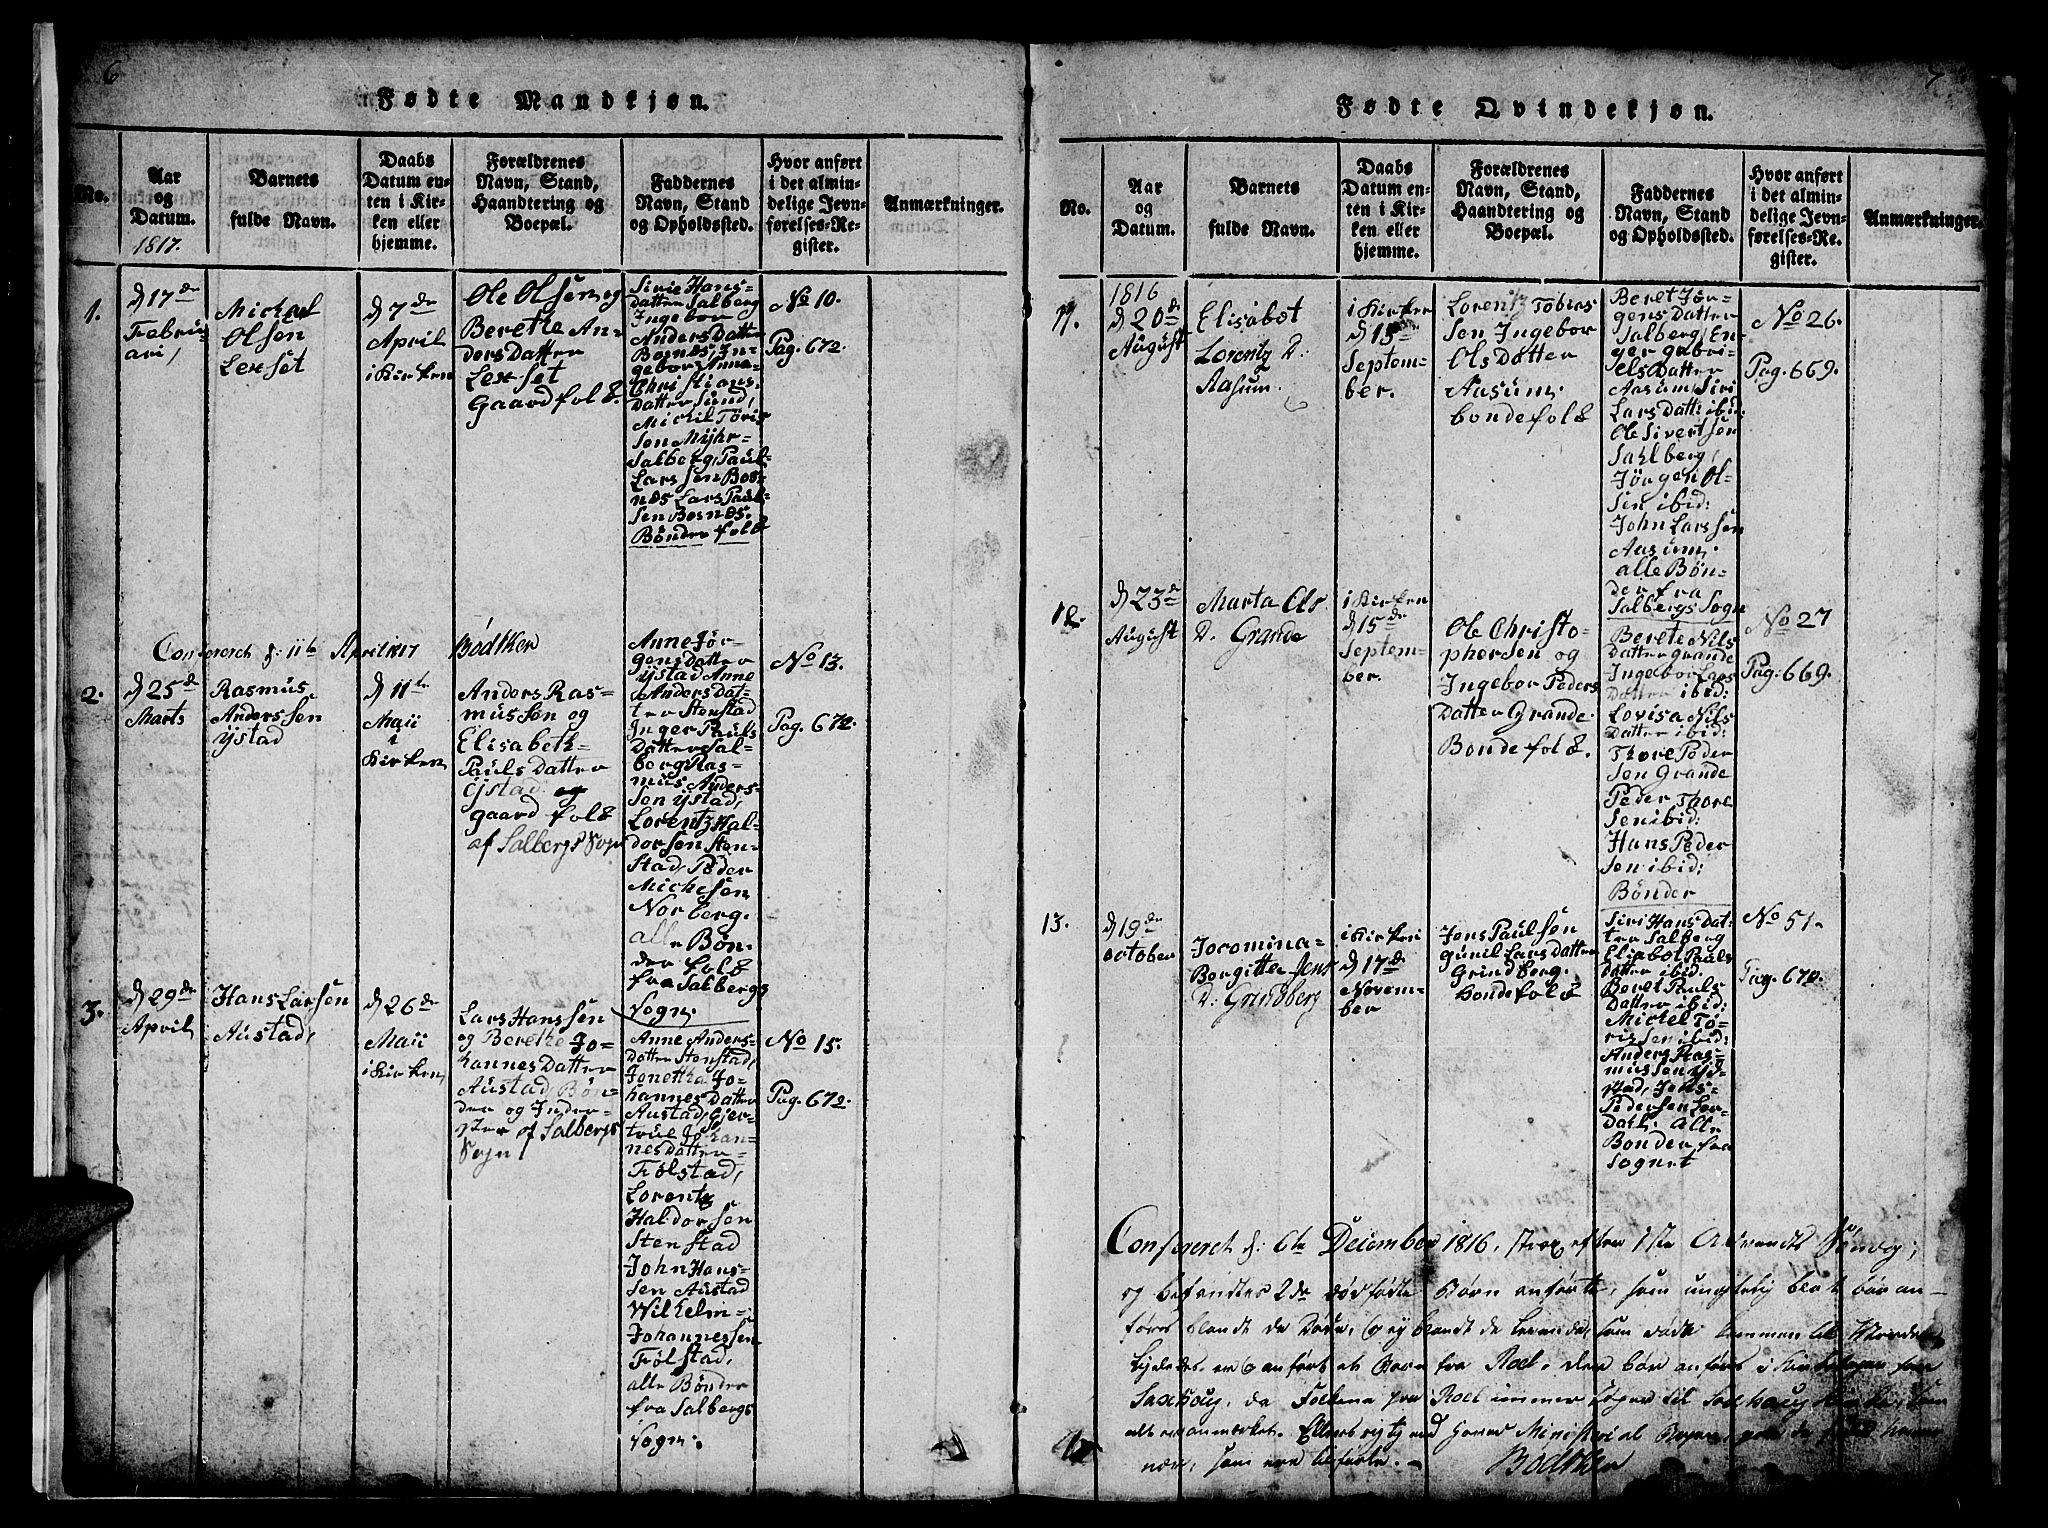 SAT, Ministerialprotokoller, klokkerbøker og fødselsregistre - Nord-Trøndelag, 731/L0310: Klokkerbok nr. 731C01, 1816-1874, s. 6-7